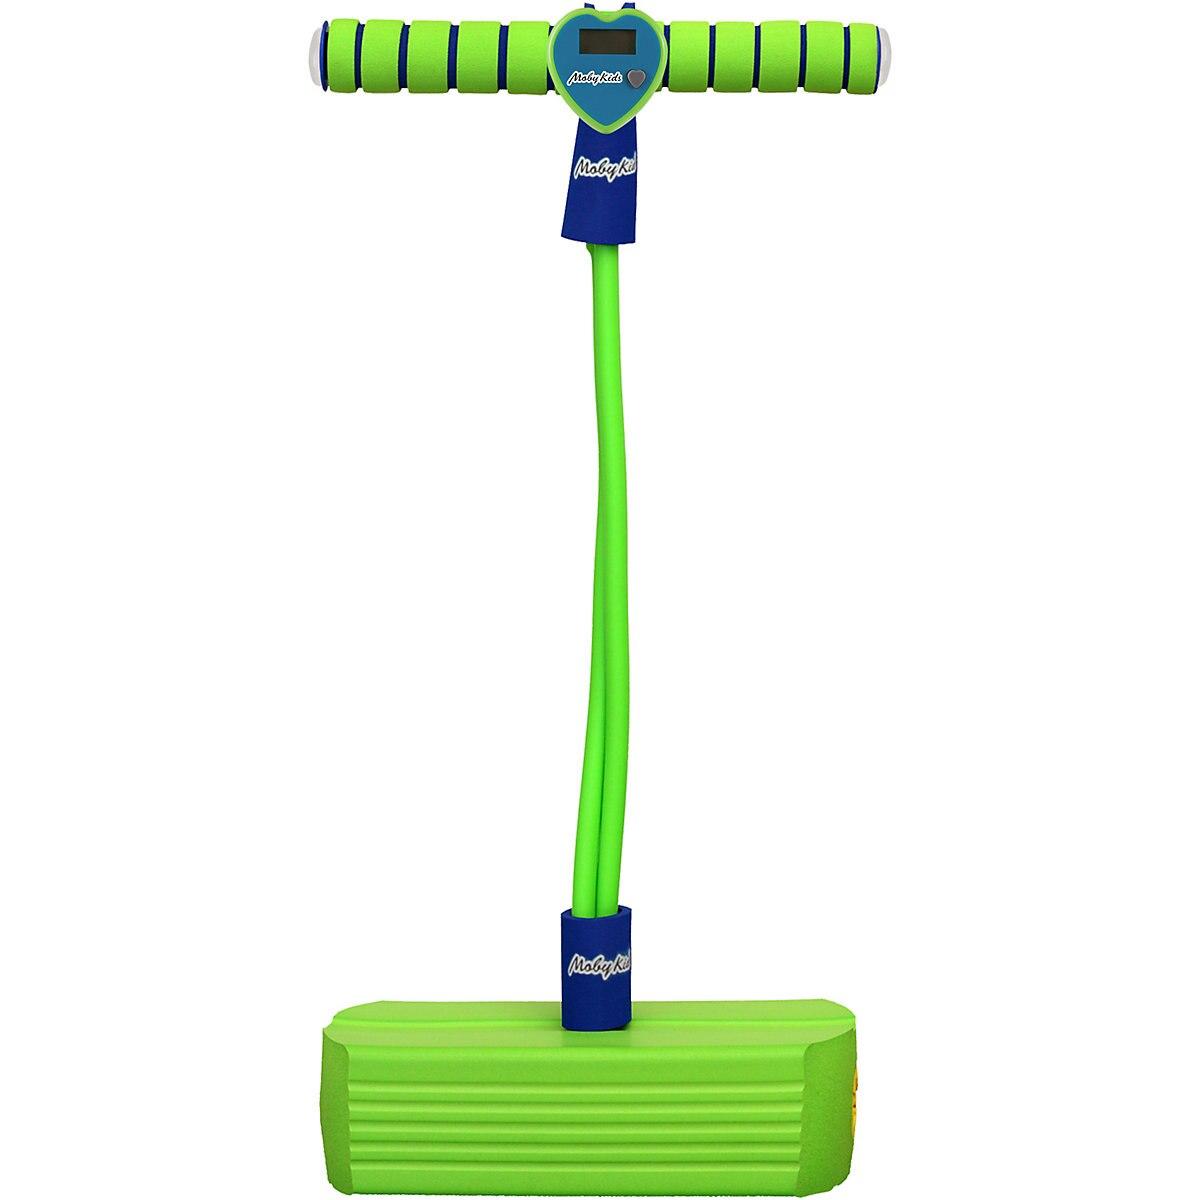 MOBY enfants bébé activité gymnastique 10263708 bambin jouets exercice machine pour sauter pour les filles et les garçons MTpromo